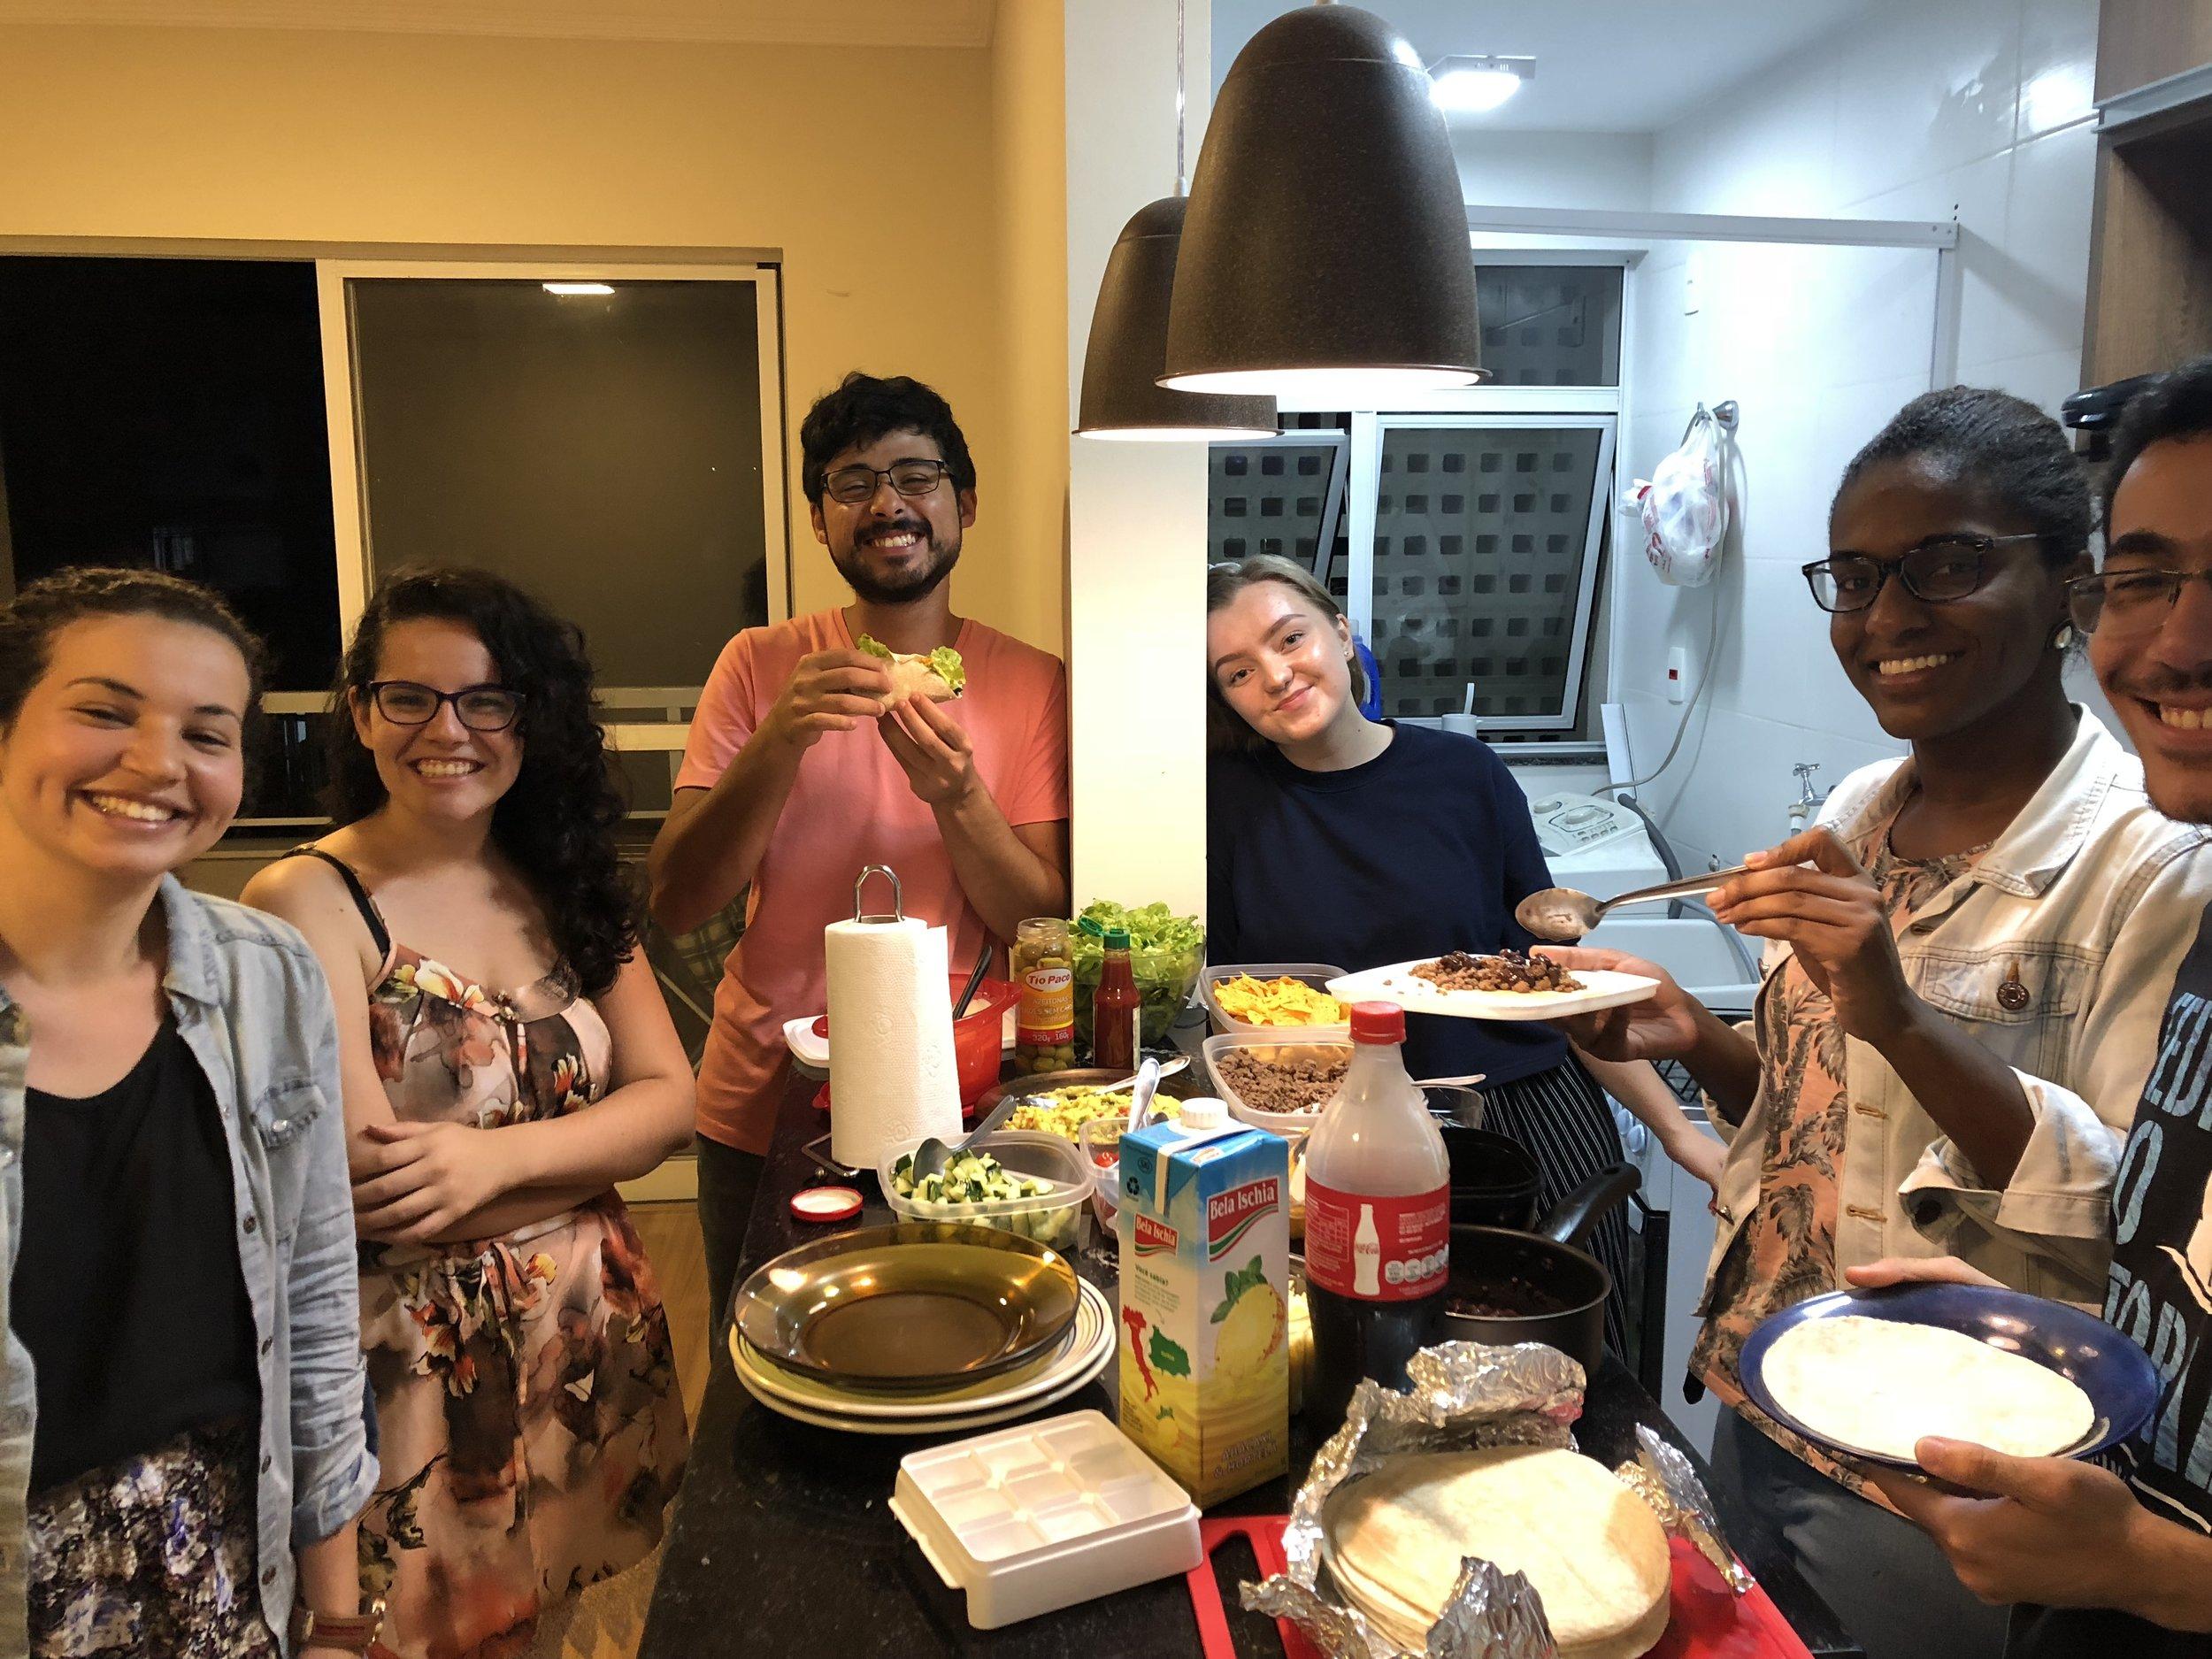 Vi lagde taco!!!! Jeg har savnet taco så sykt mye og dette var veldig godt! Jeg liker brasiliansk mat, men jeg må innrømme at jeg savner norsk mat, heheee.